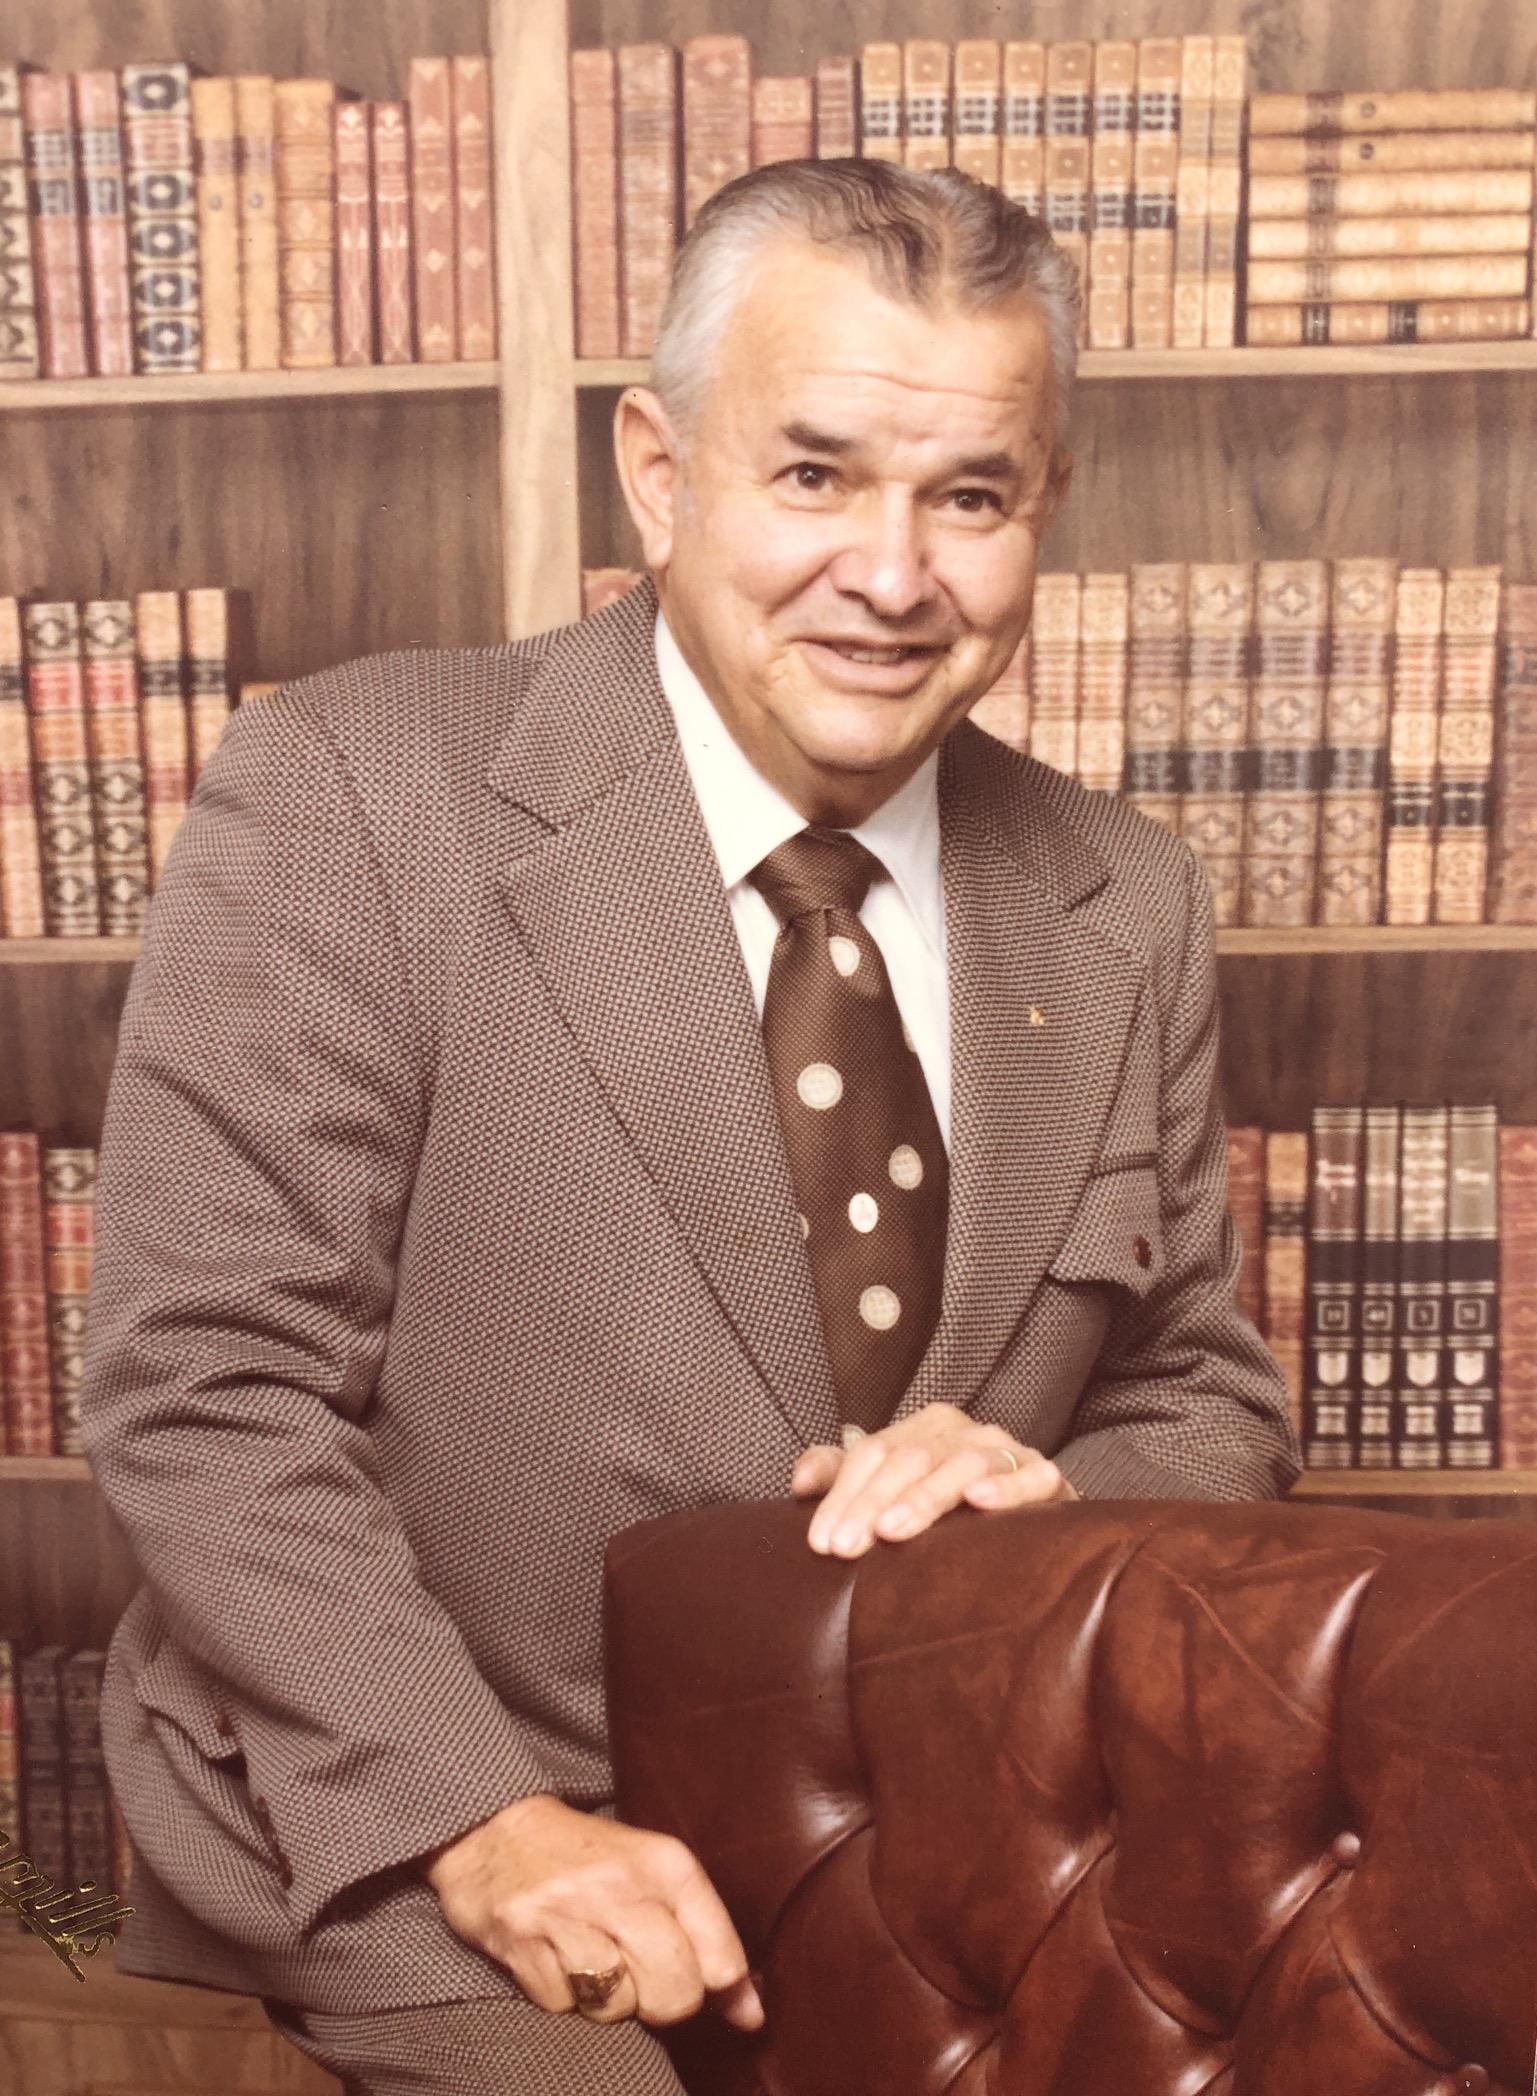 Robert Carpenter